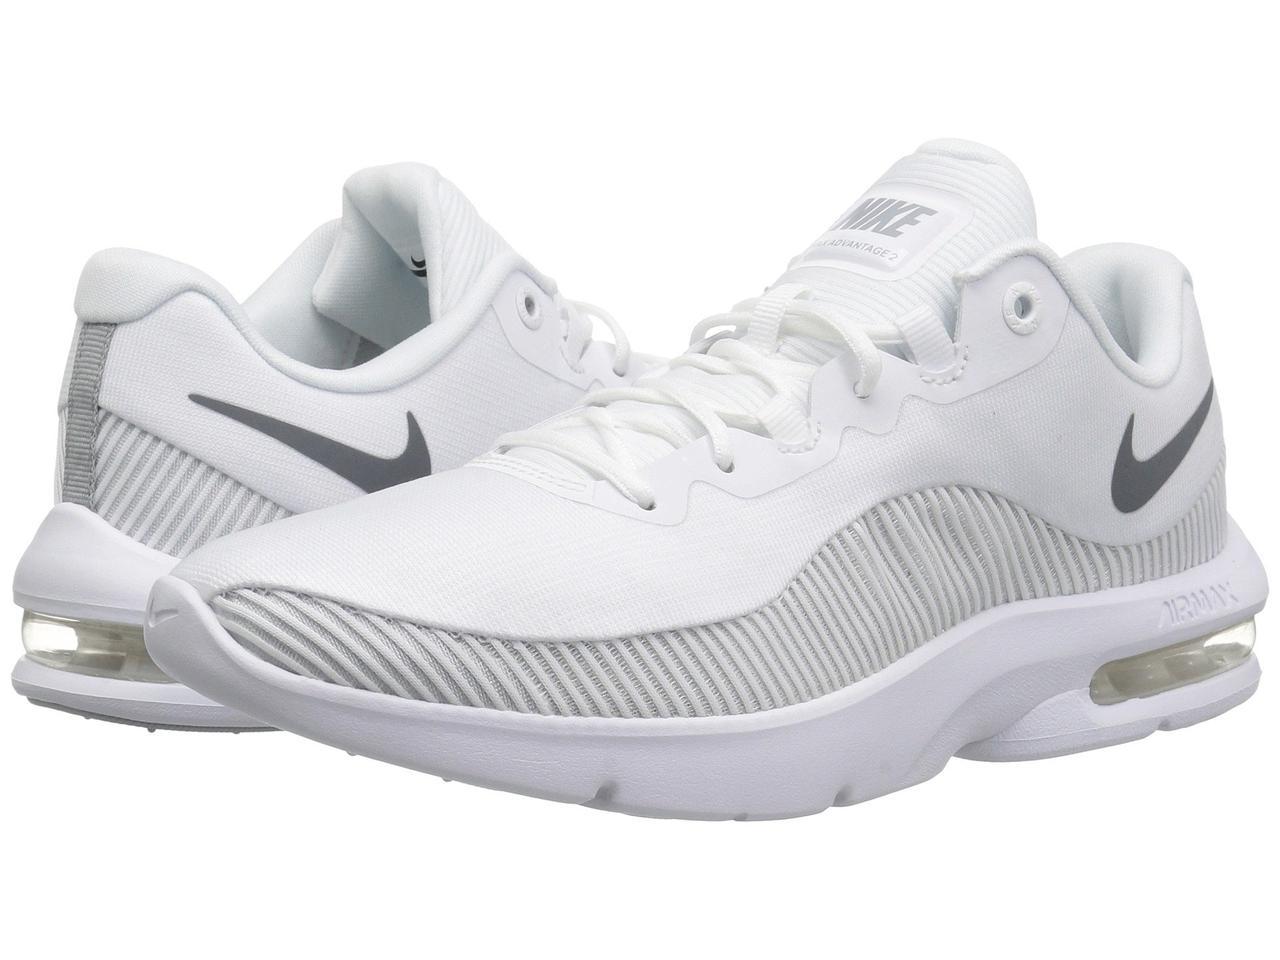 1ac0c0ac Кроссовки Nike Air Max Advantage 2 White - Оригинал — в Категории ...